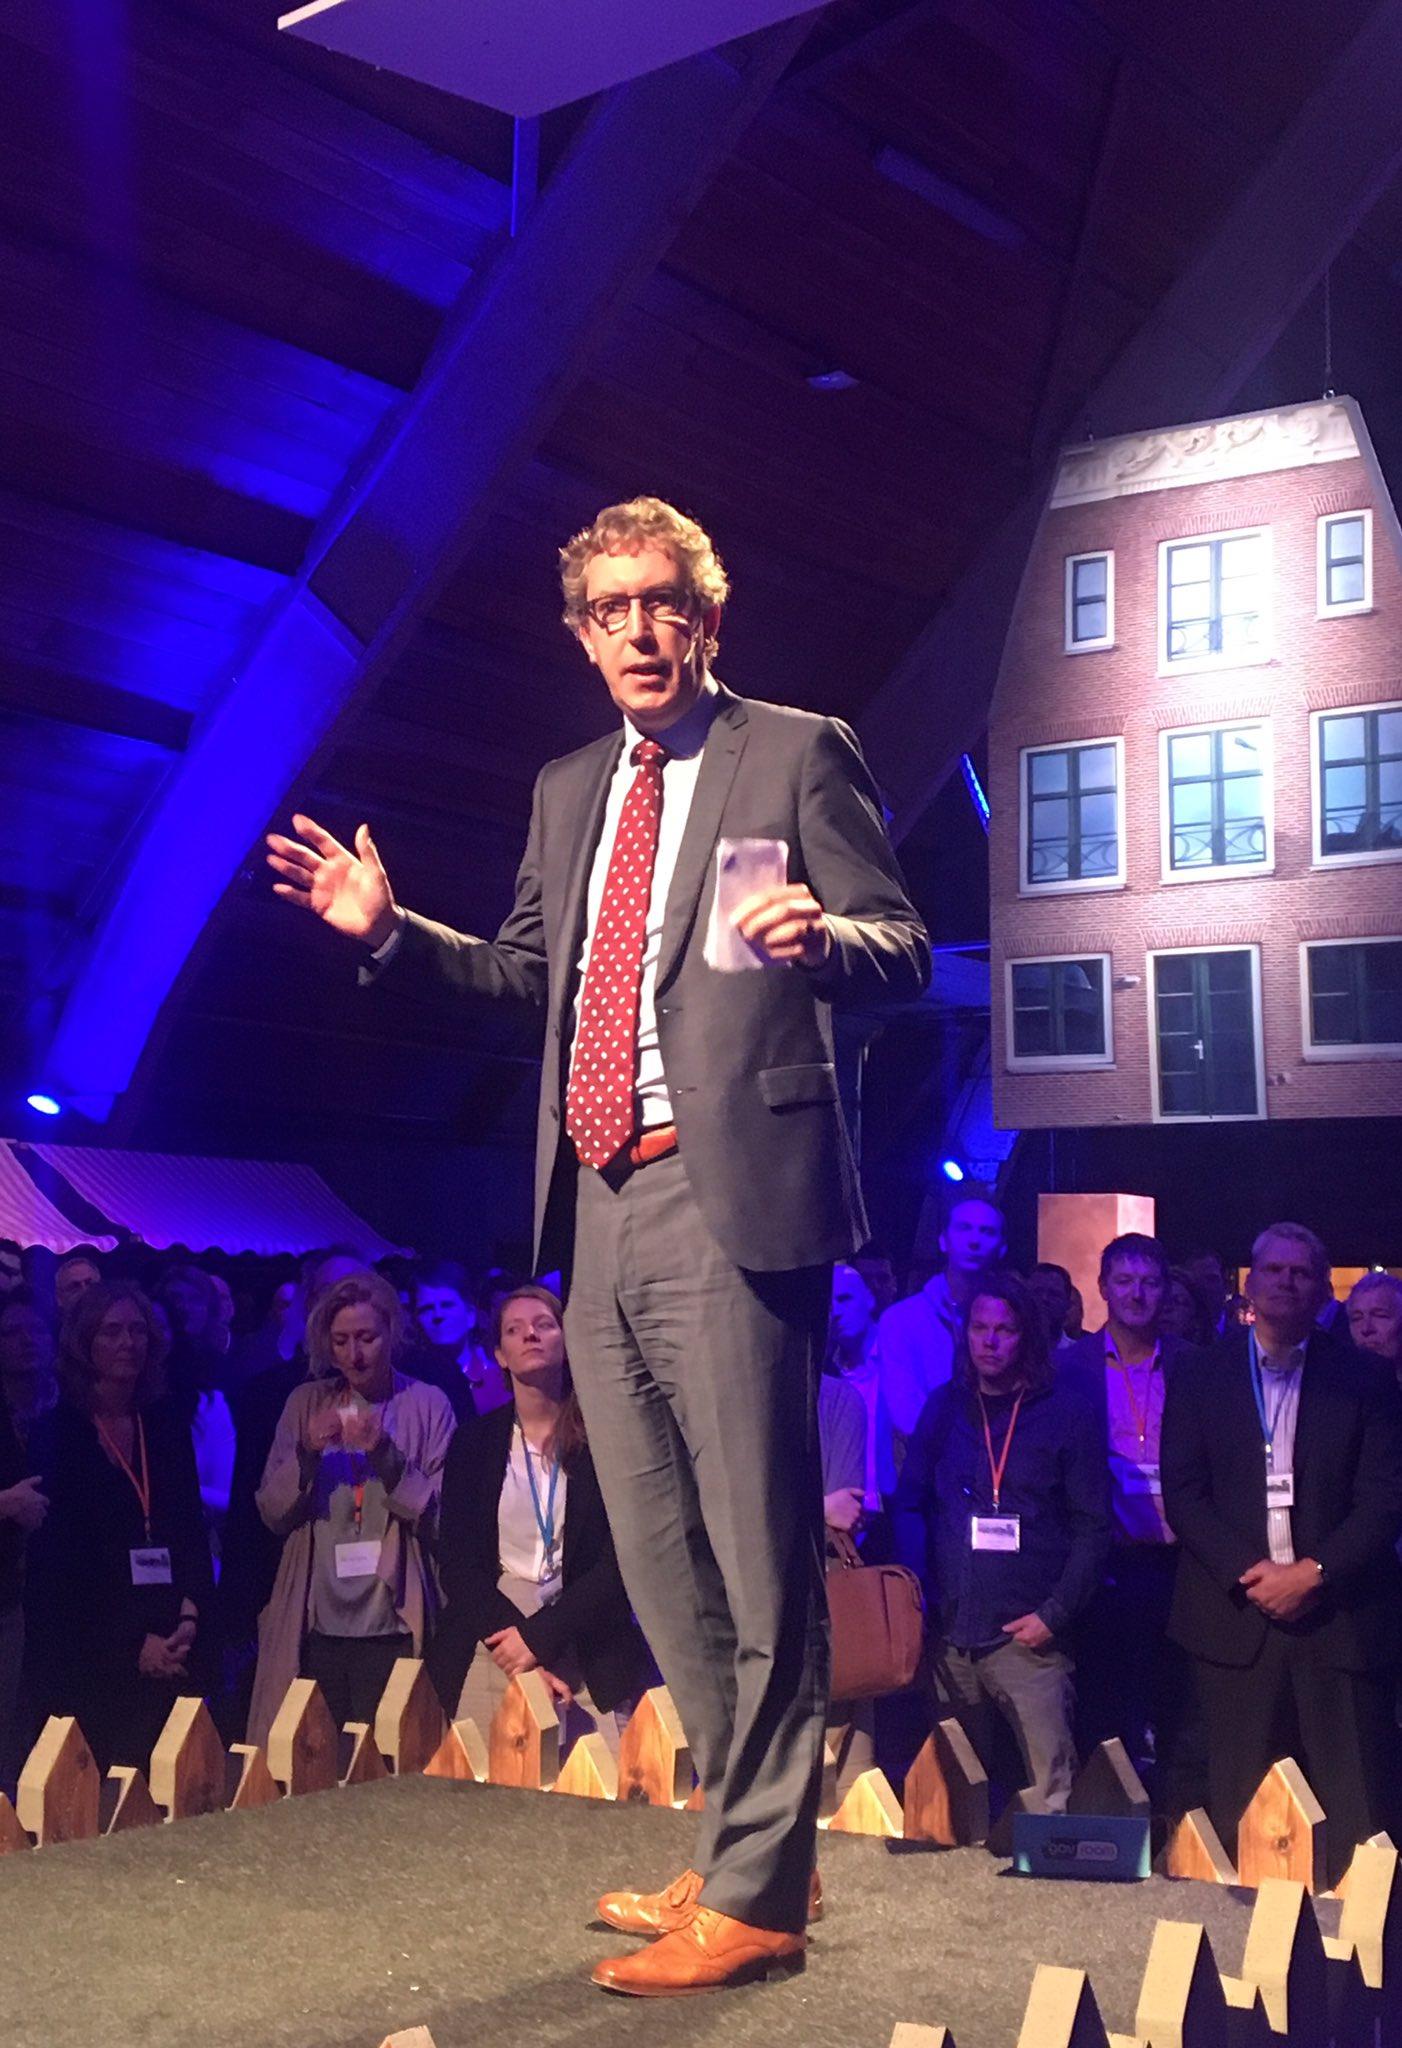 Gemeenten moeten het waarmaken! zegt @JanCvanGinkel #da2020 Bestuurskracht is uitvoeringskracht. https://t.co/VYq9vLvGFW